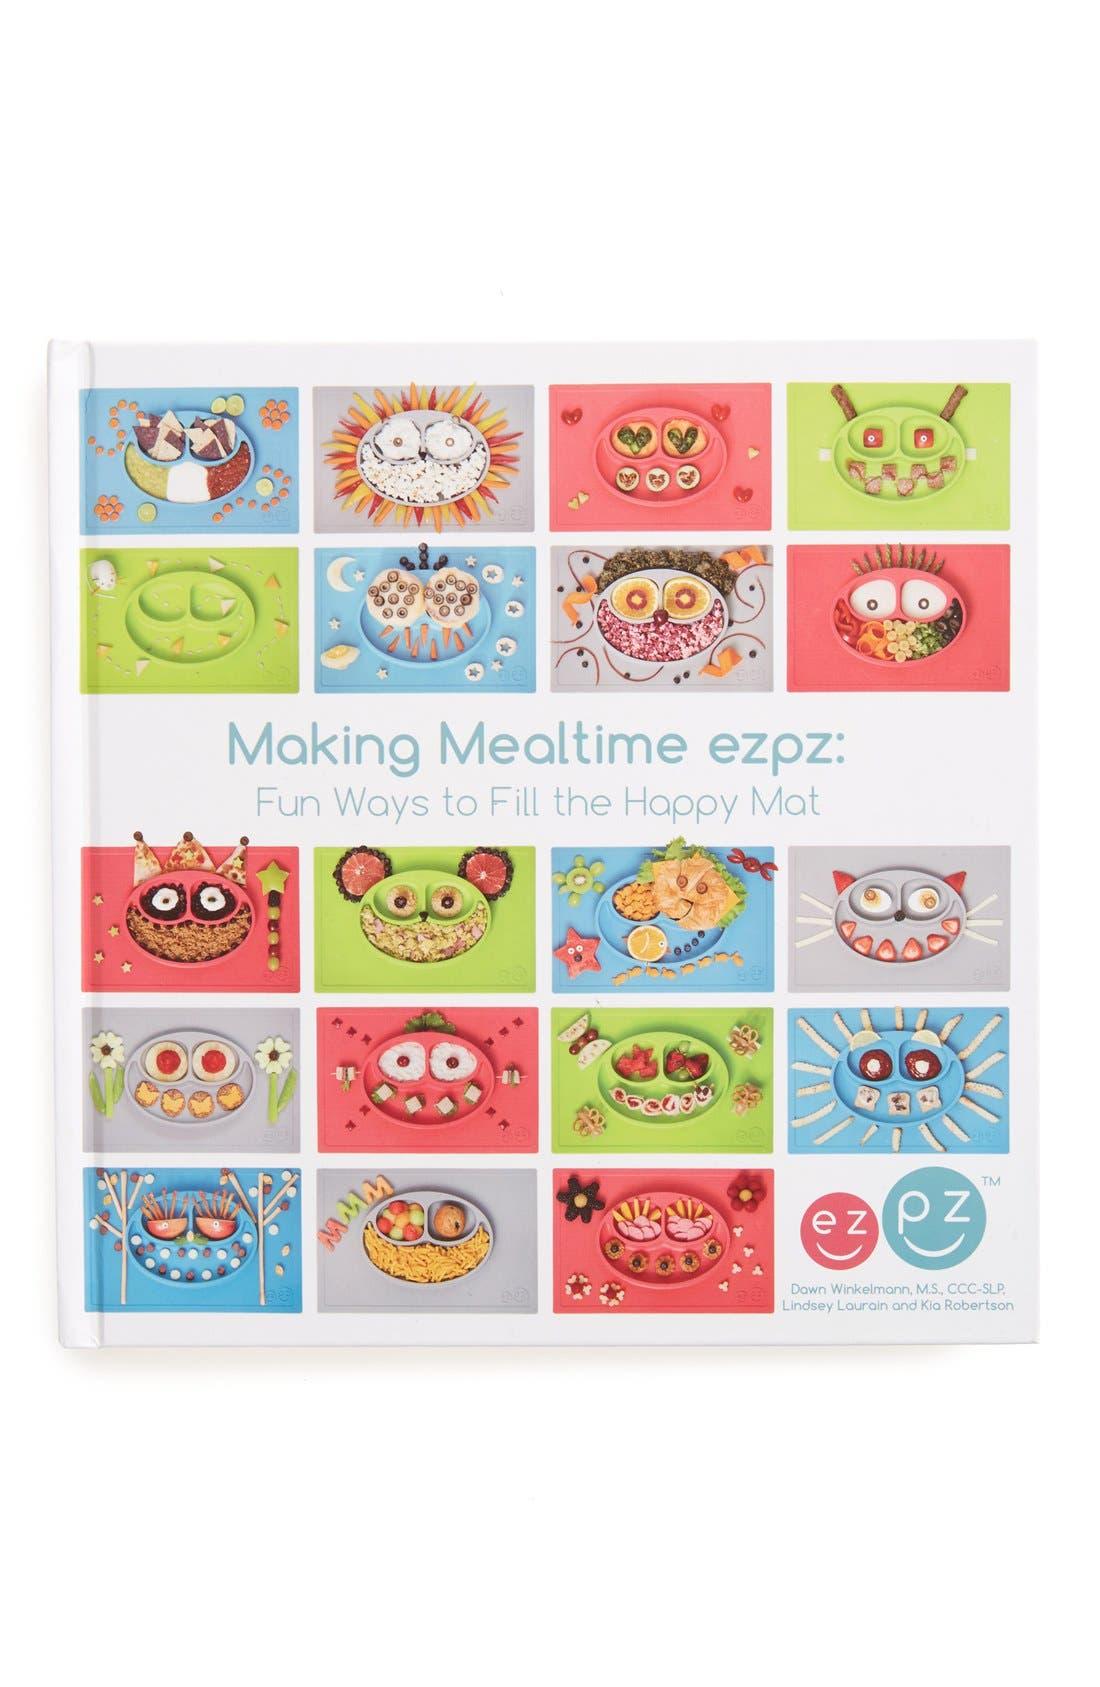 EZPZ Making Mealtime ezpz: Fun Ways to Fill the Happy Mat Book, Main, color, 100